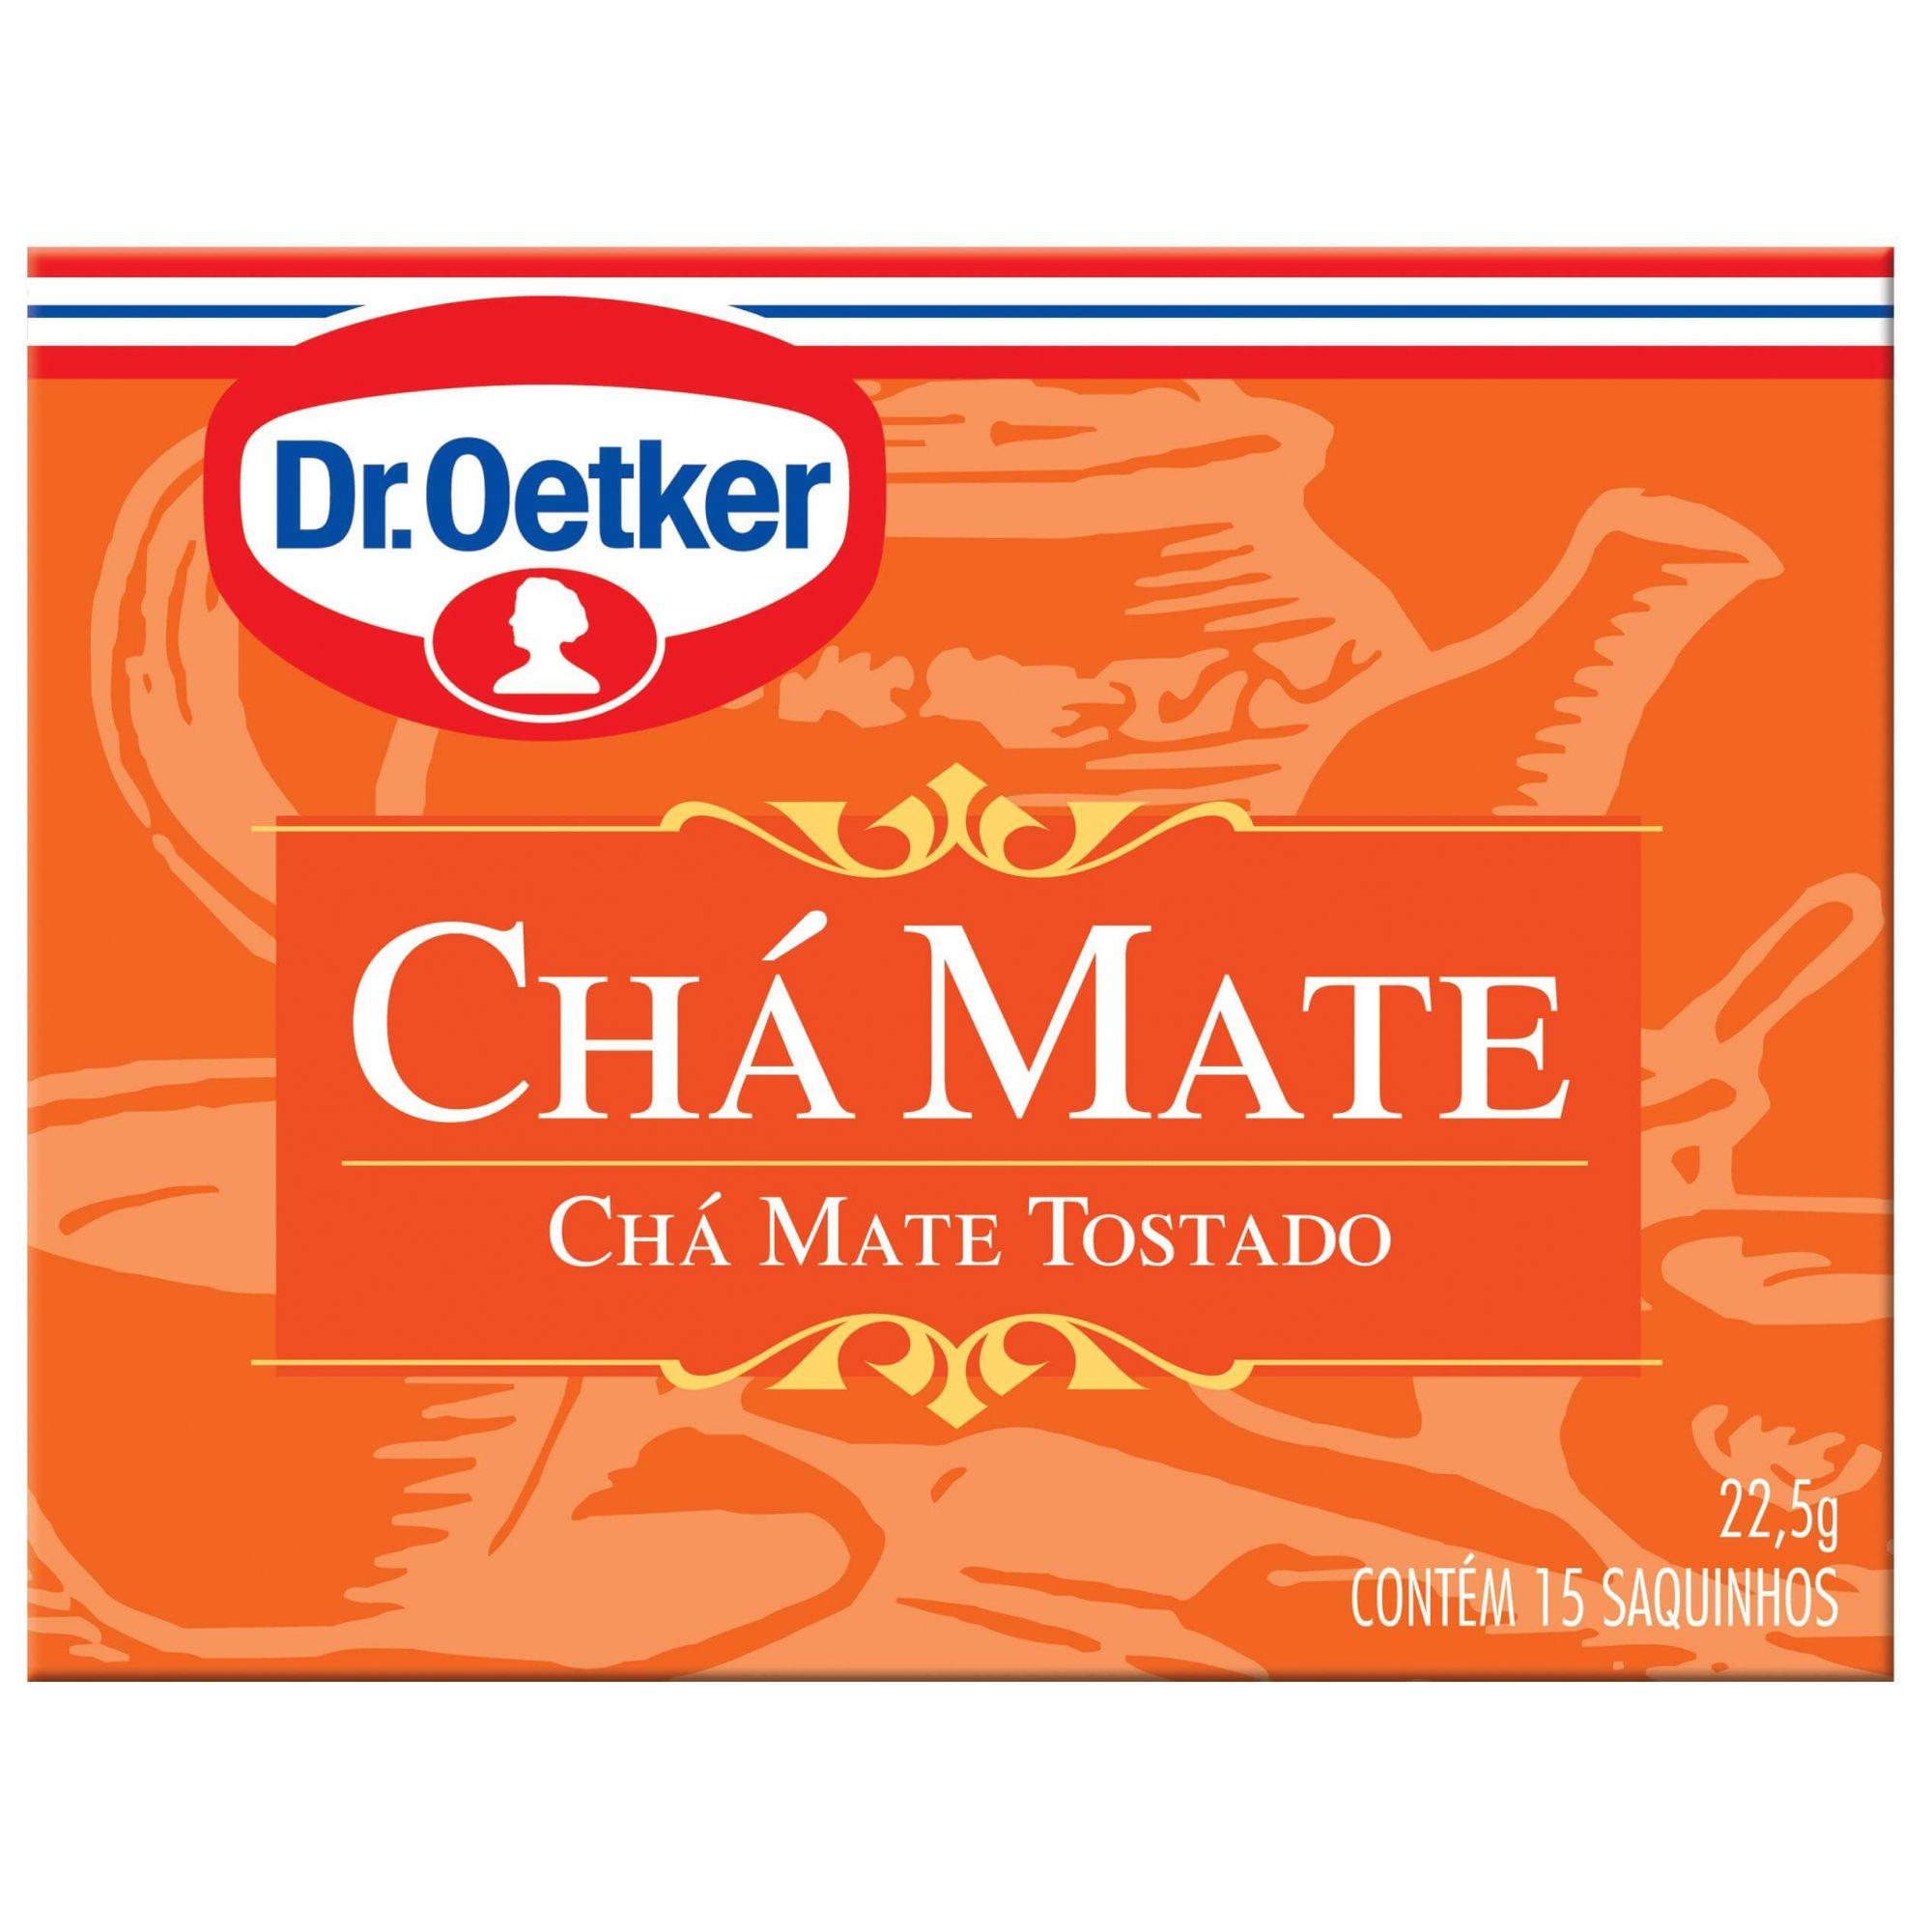 CHÁ MATE - DR. OETKER